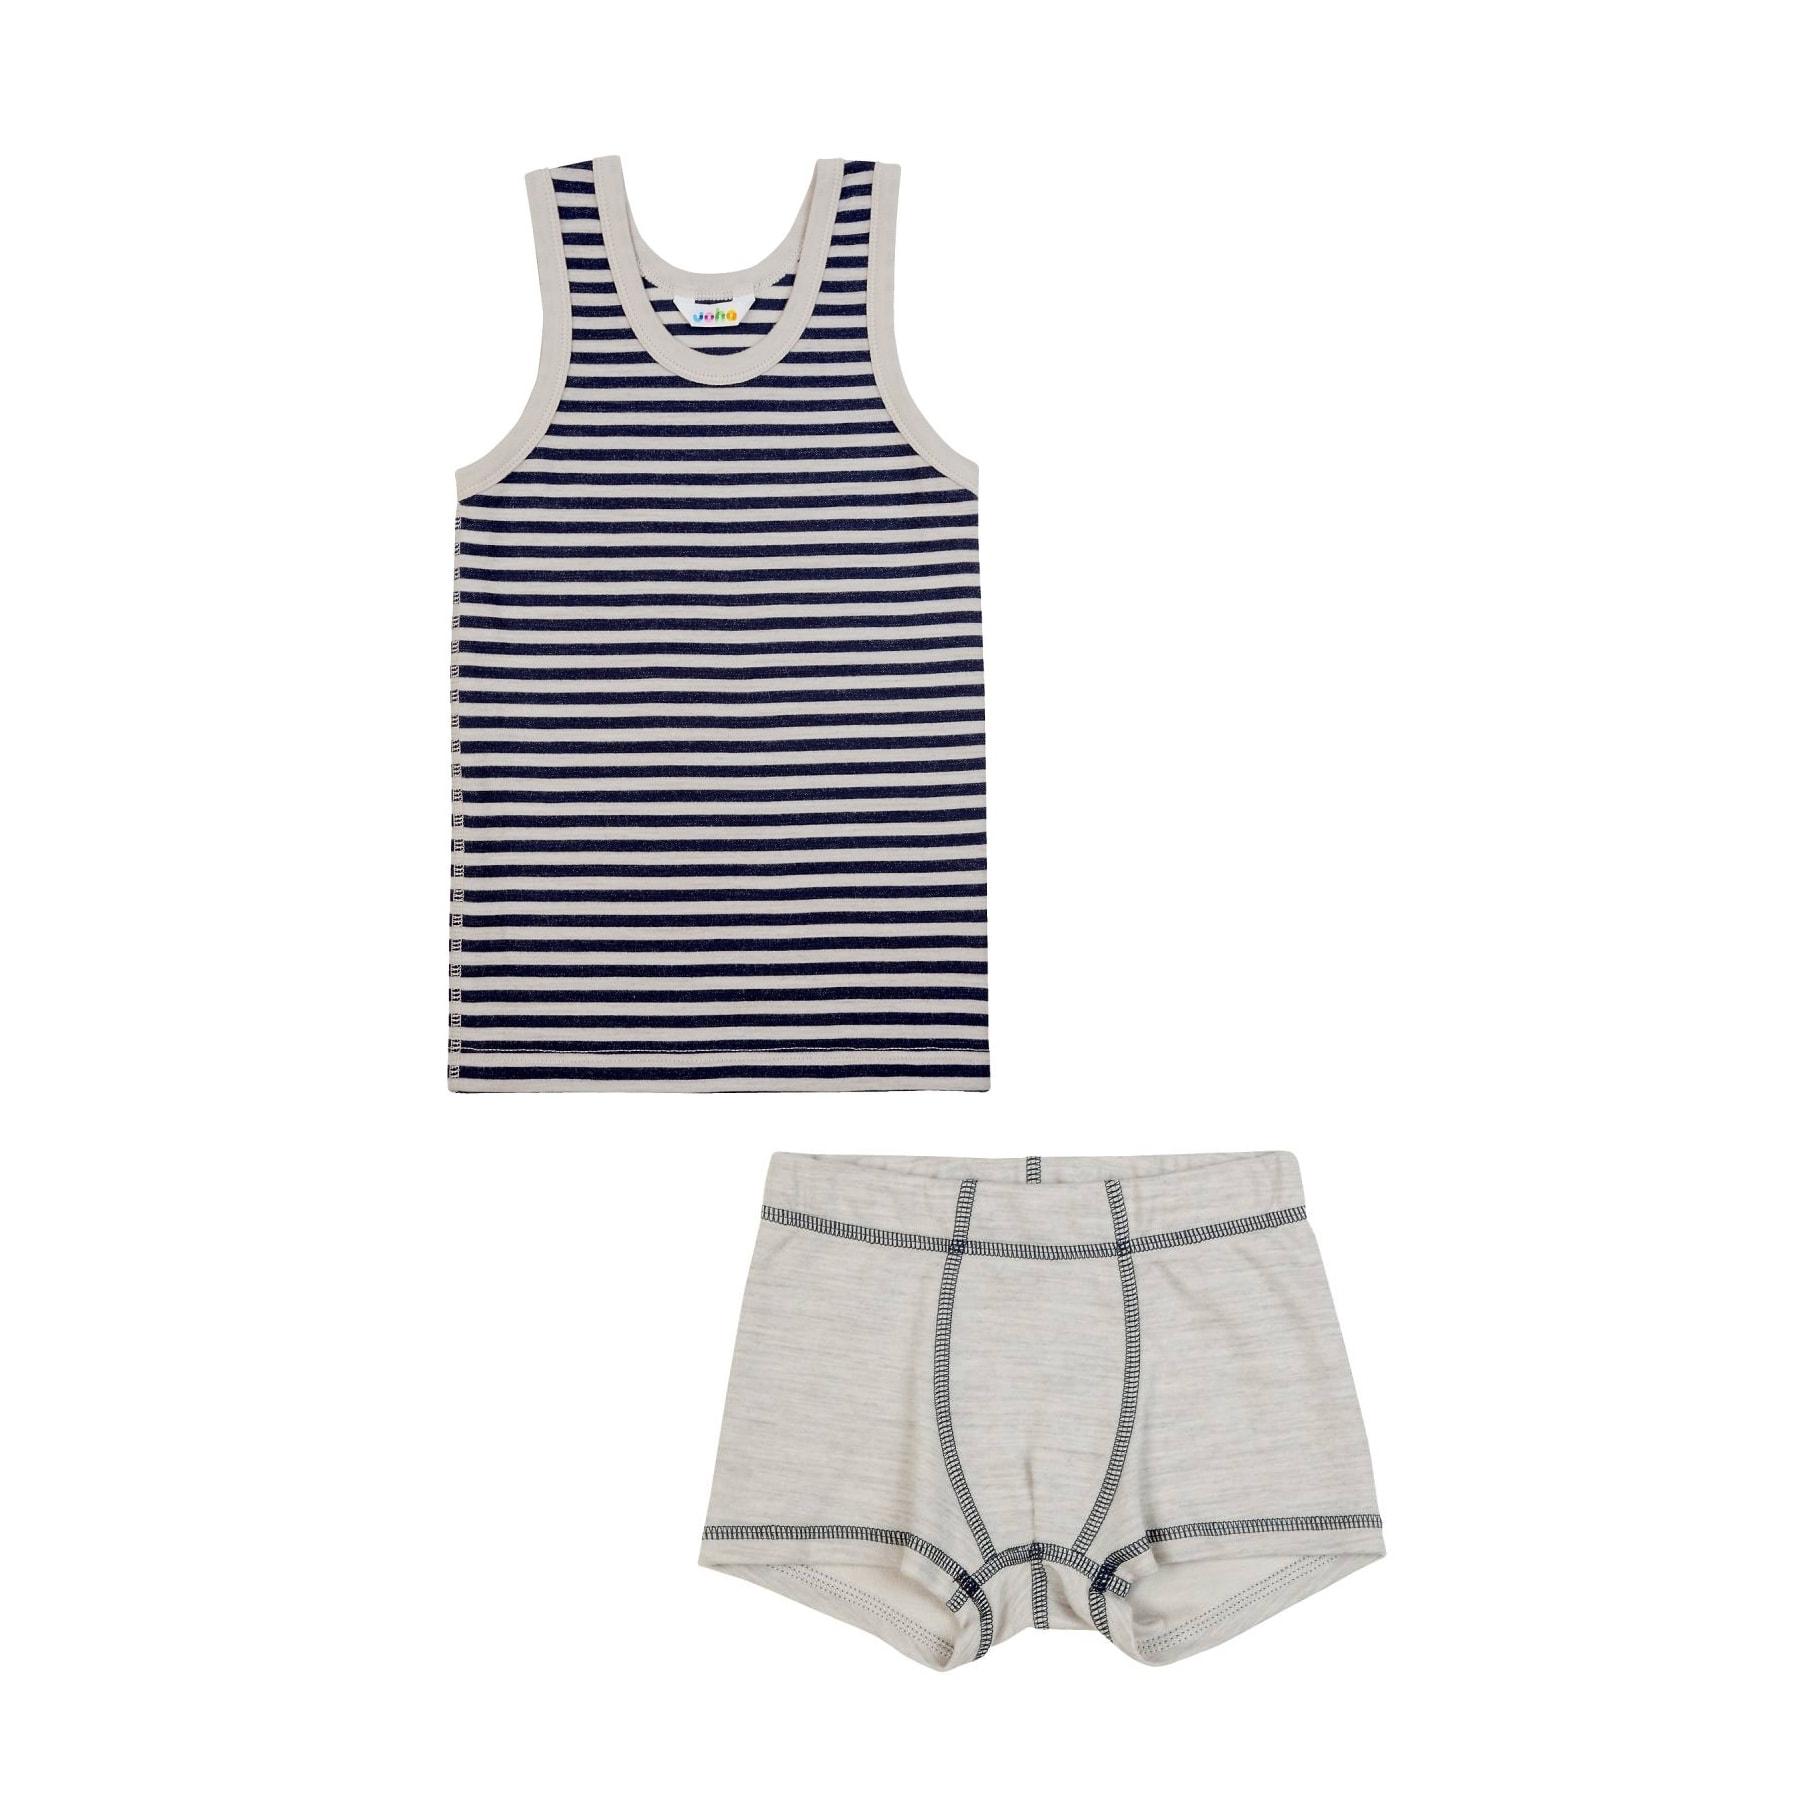 10f415d83e7 Joha undertøj til dreng - Uld bomuld - Sæt af underbukser og ...